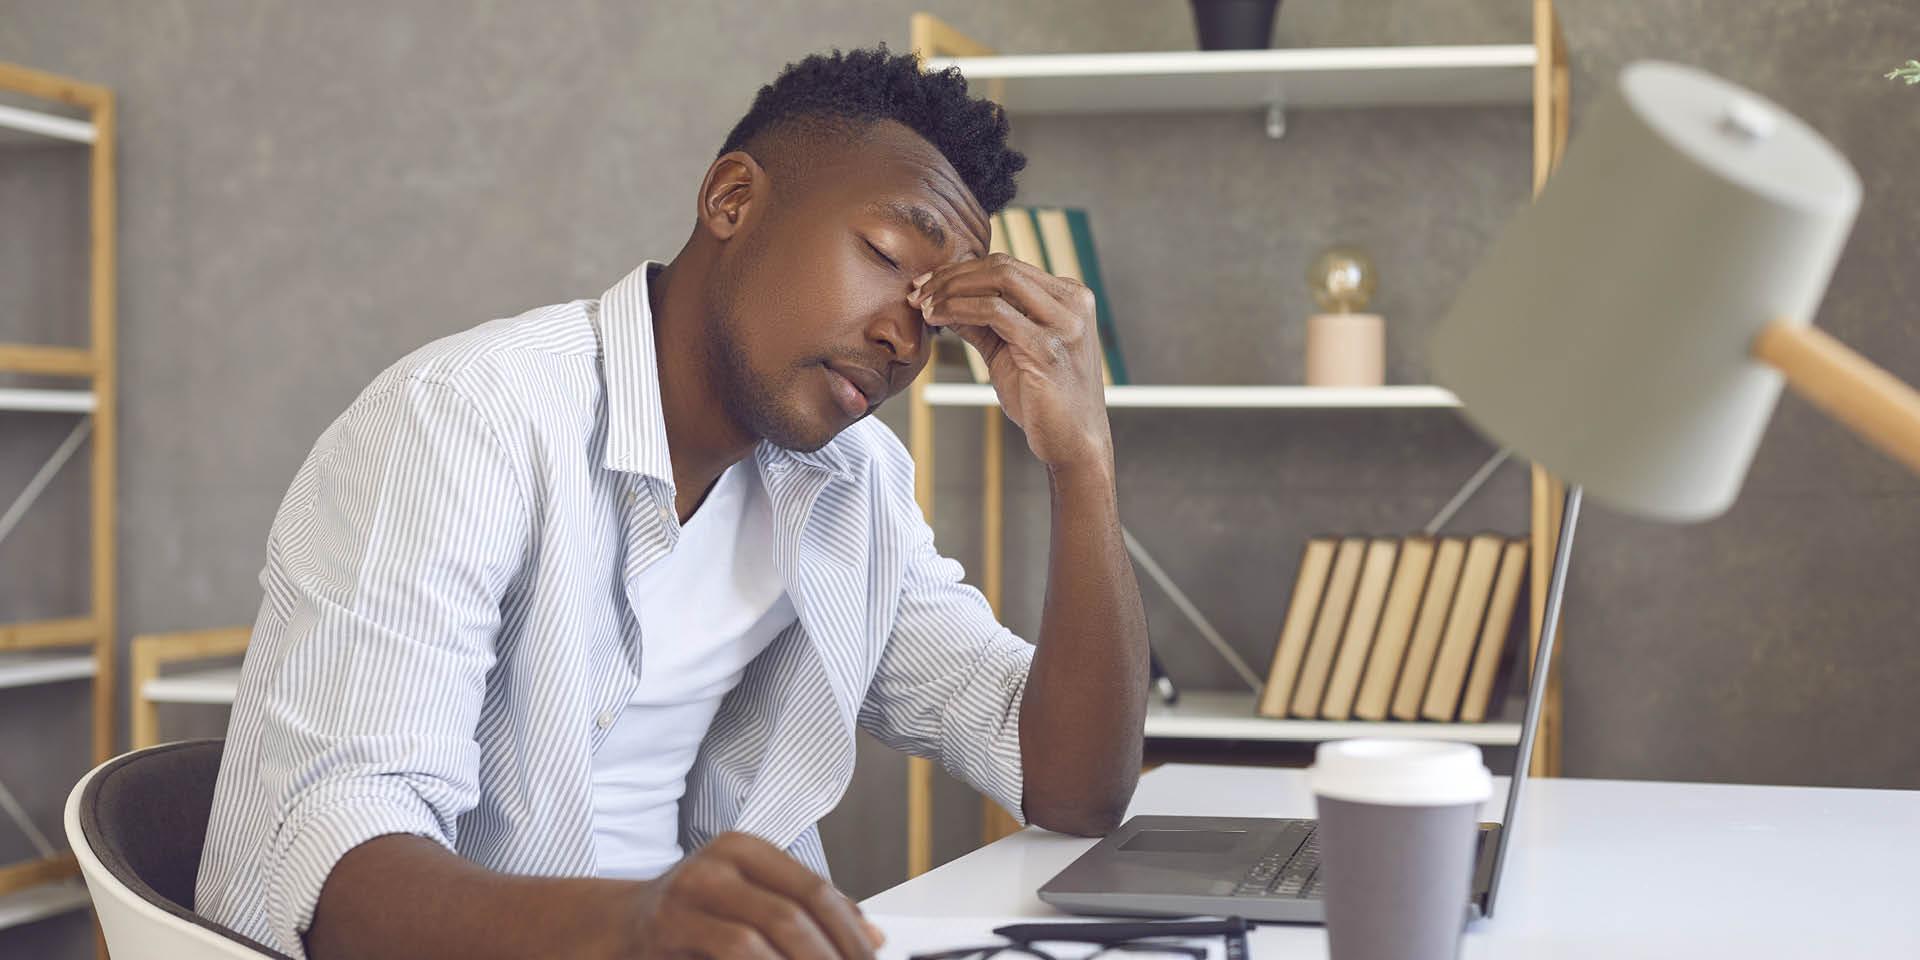 Ein Mann sitzt vor einem Laptop und macht einen müden Eindruck.